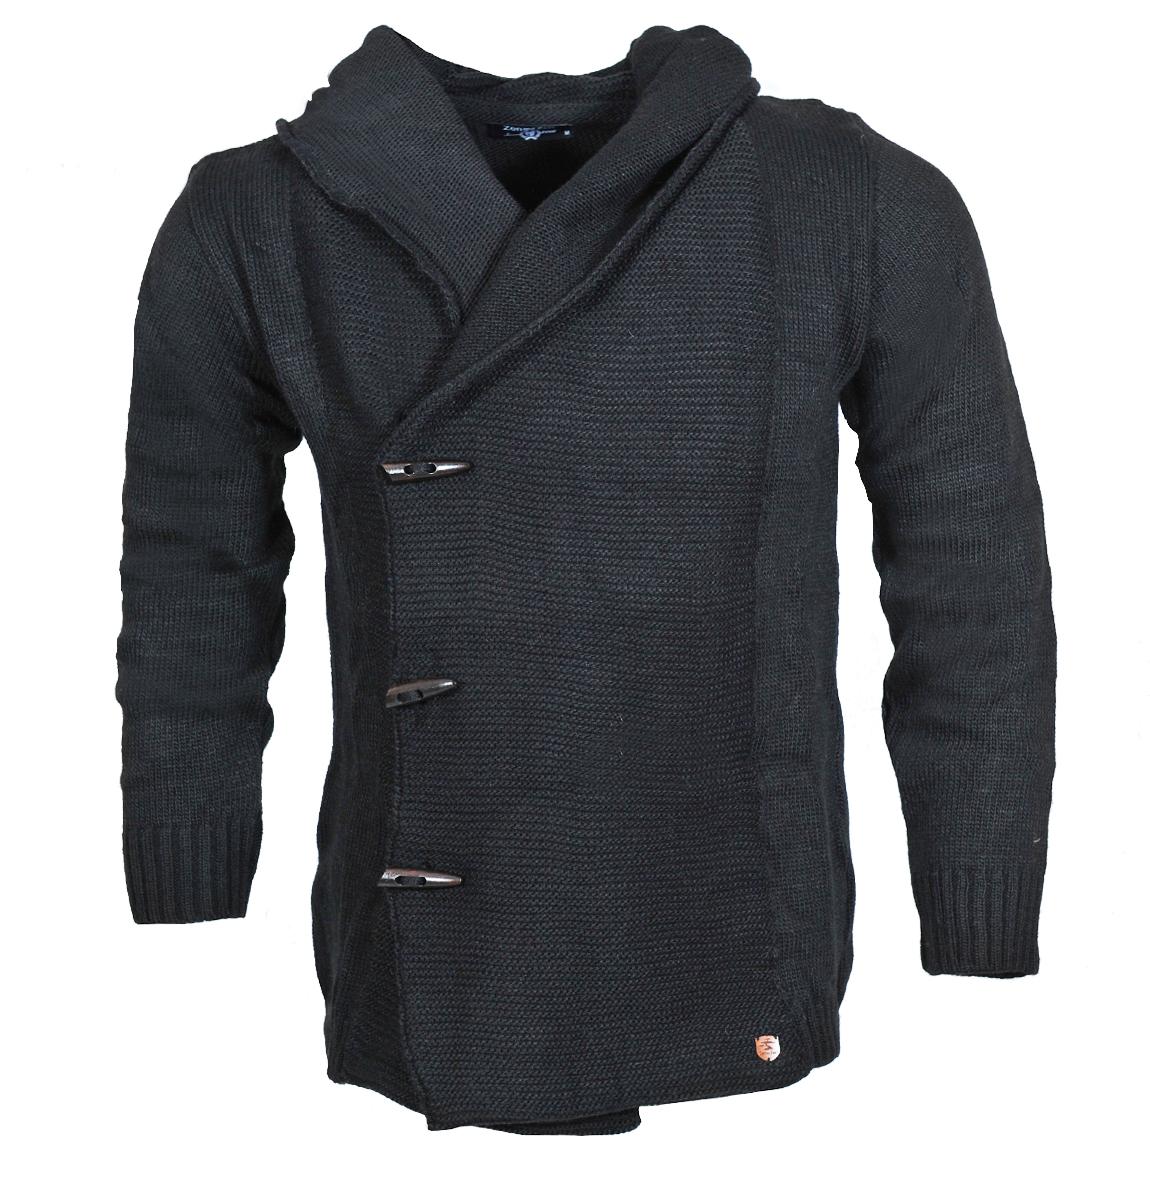 Πλεκτή Ζακέτα Zen Black αρχική ανδρικά ρούχα ζακέτες